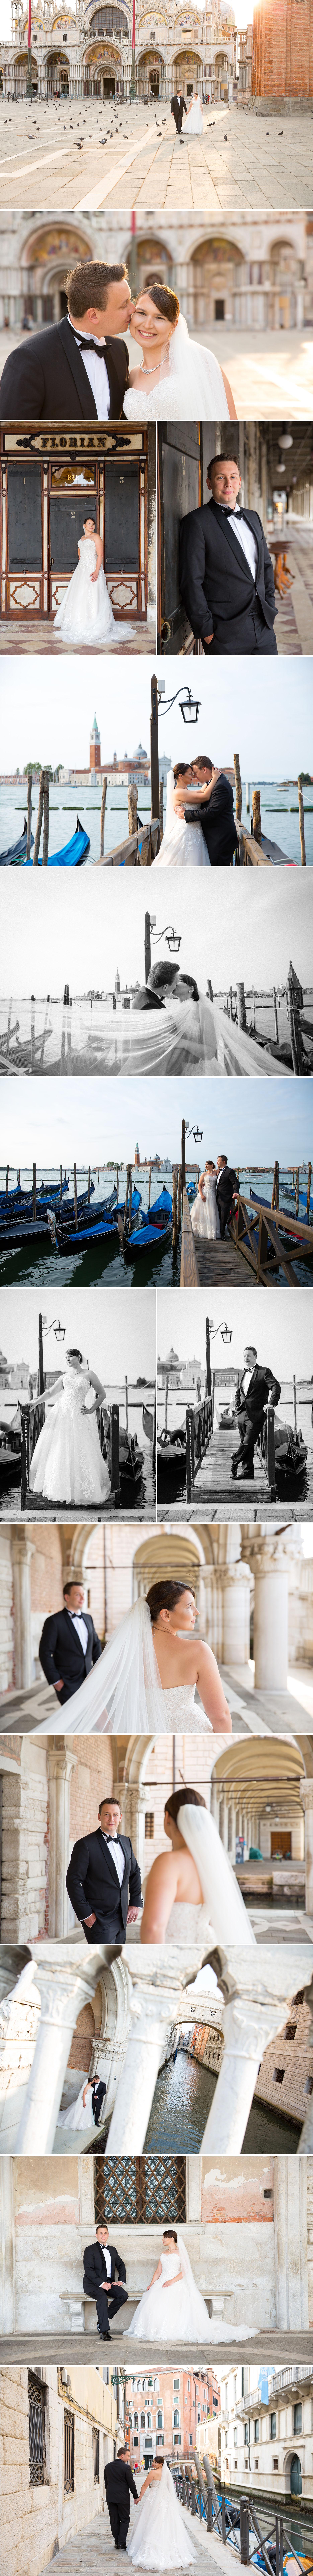 Fotoshooting in Venedig